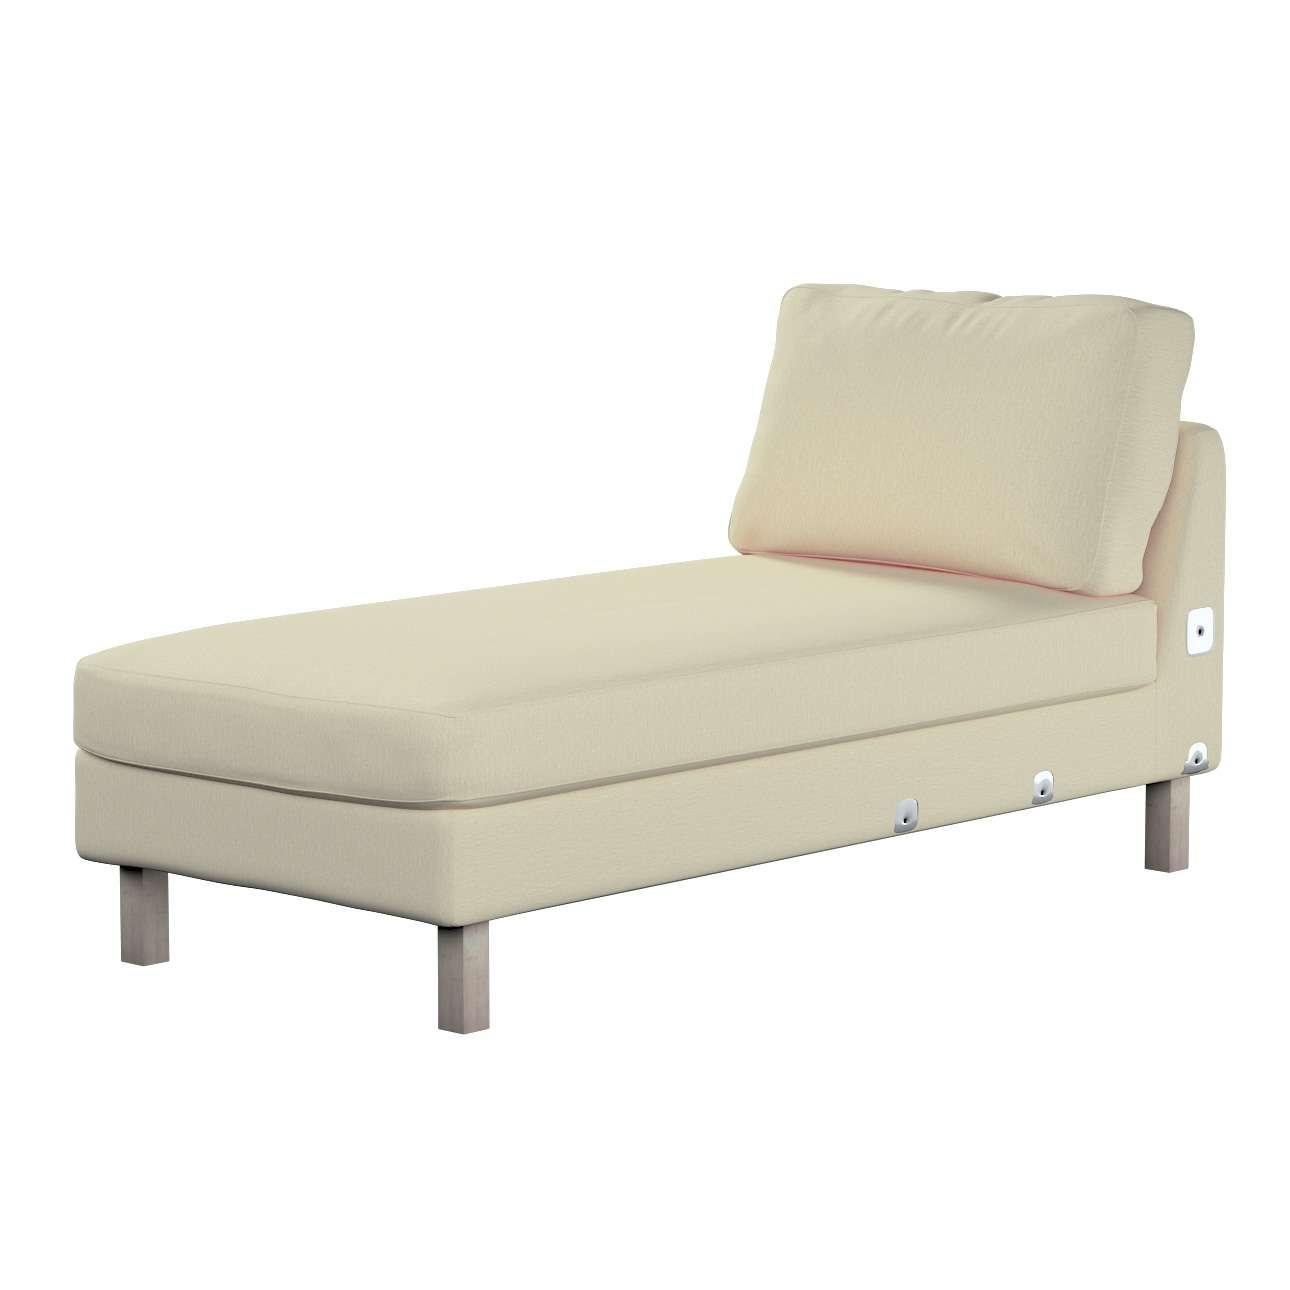 KARSLTAD sofos gulimojo krėslo užvalkalas Karlstad add-on unit cover kolekcijoje Chenille, audinys: 702-22